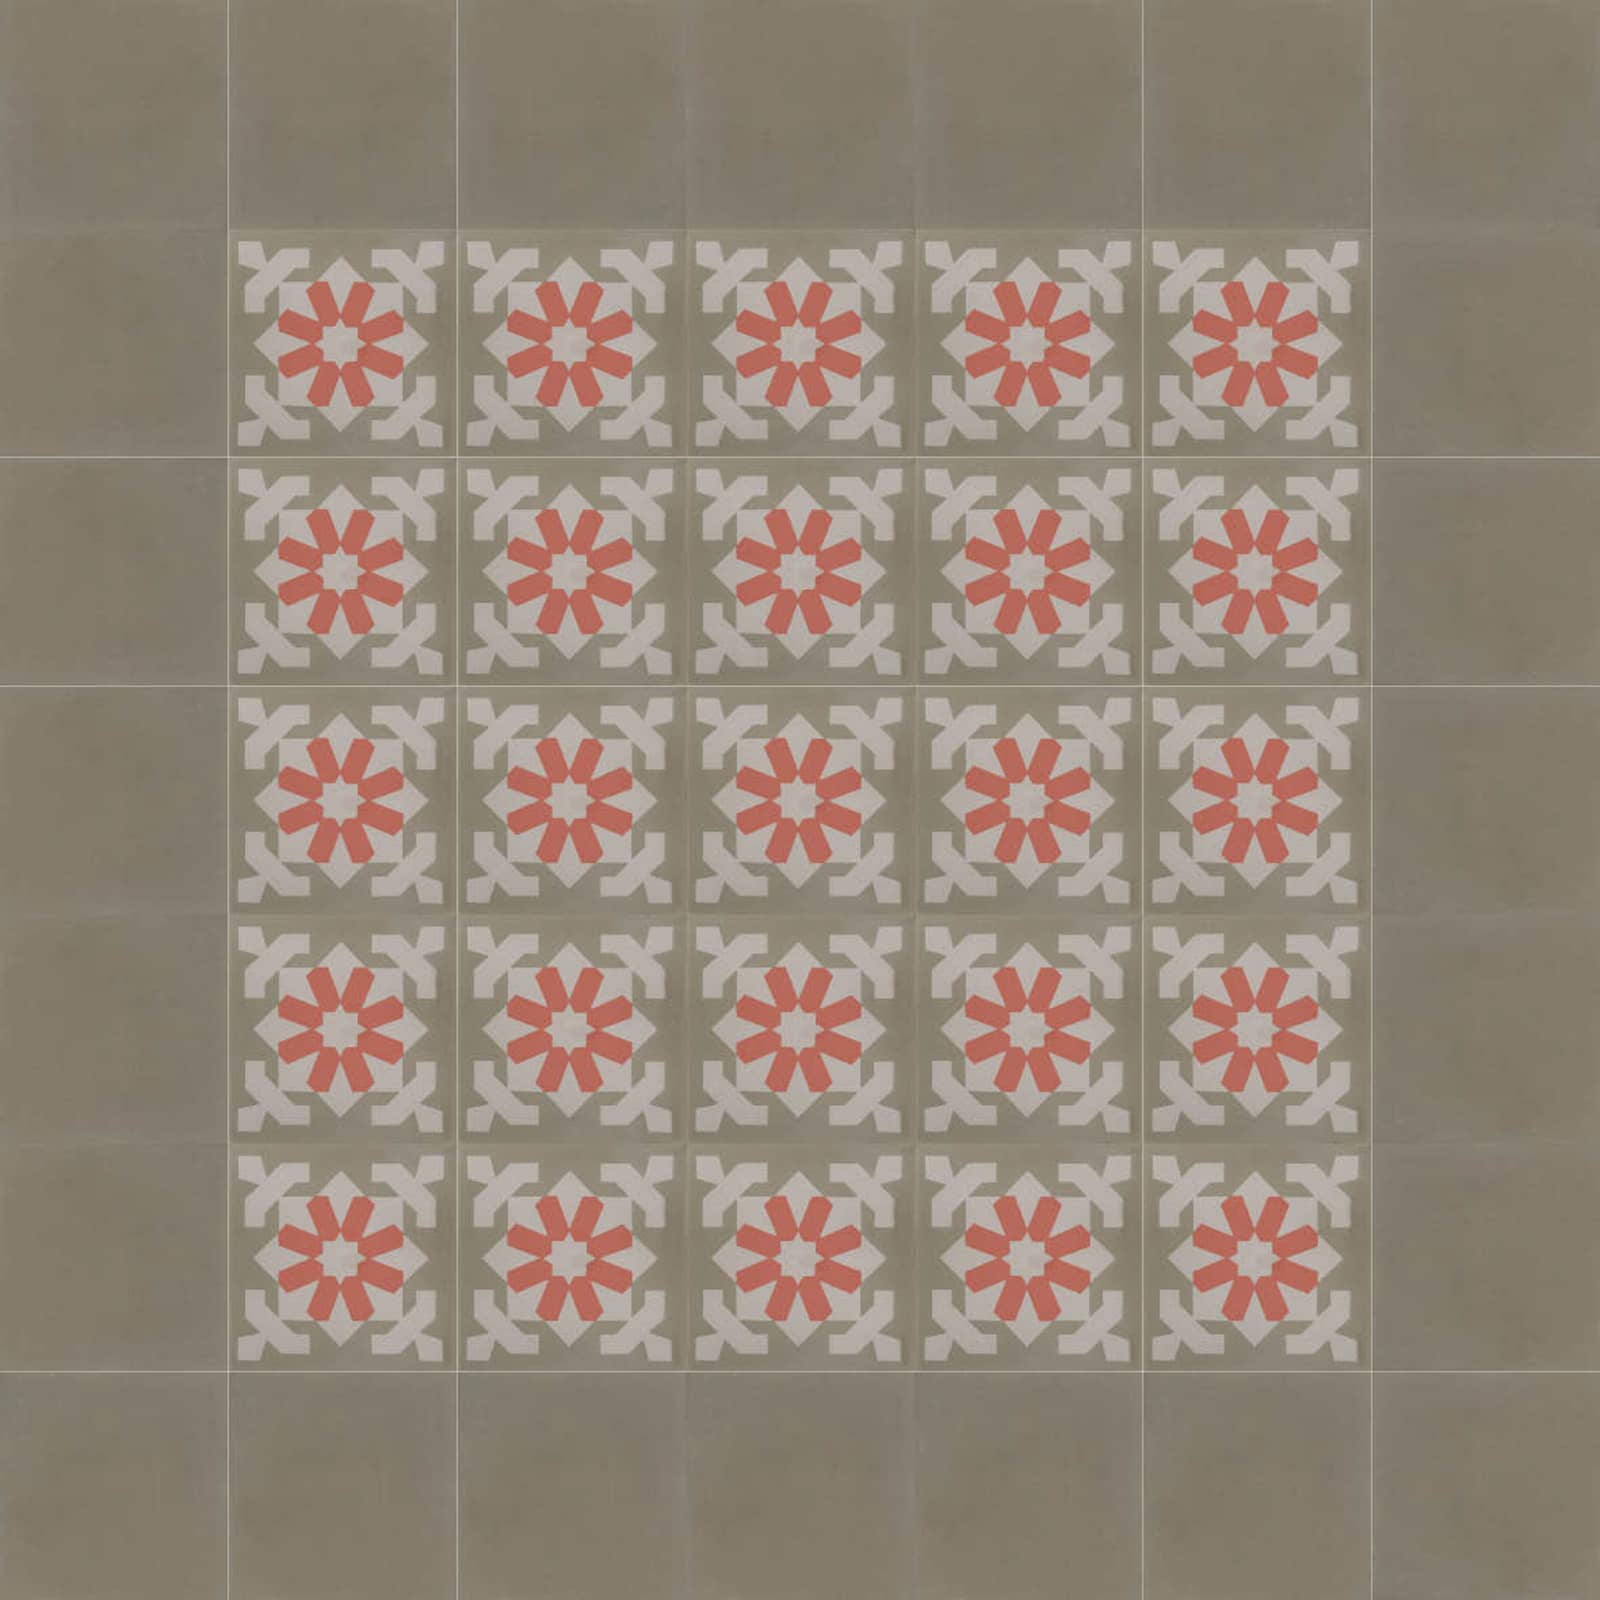 zementfliesen-terrazzofliesen-kreidefarbe-terrazzo-fugenlos-viaplatten-13432-verlegemuster-C | 13432